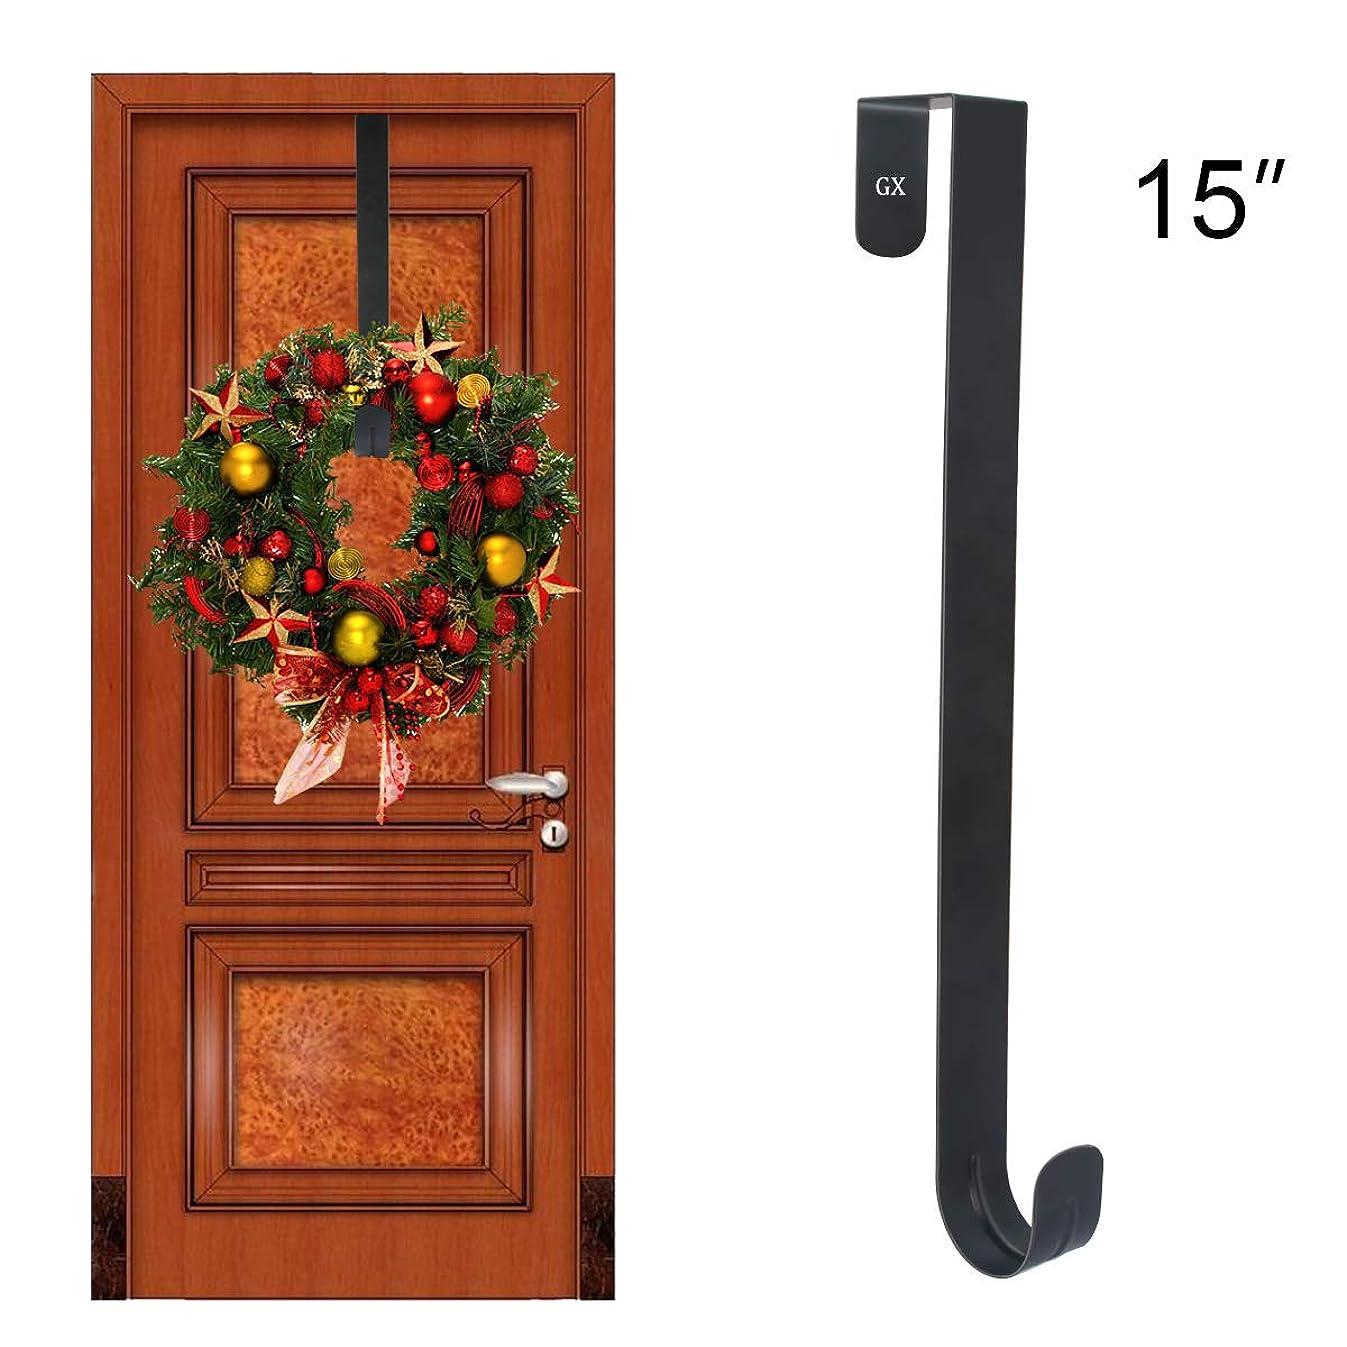 GameXcel Wreath Hanger Over The Door - Larger Wreath Metal Hook for Christmas Wreath Front Door Hanger 15